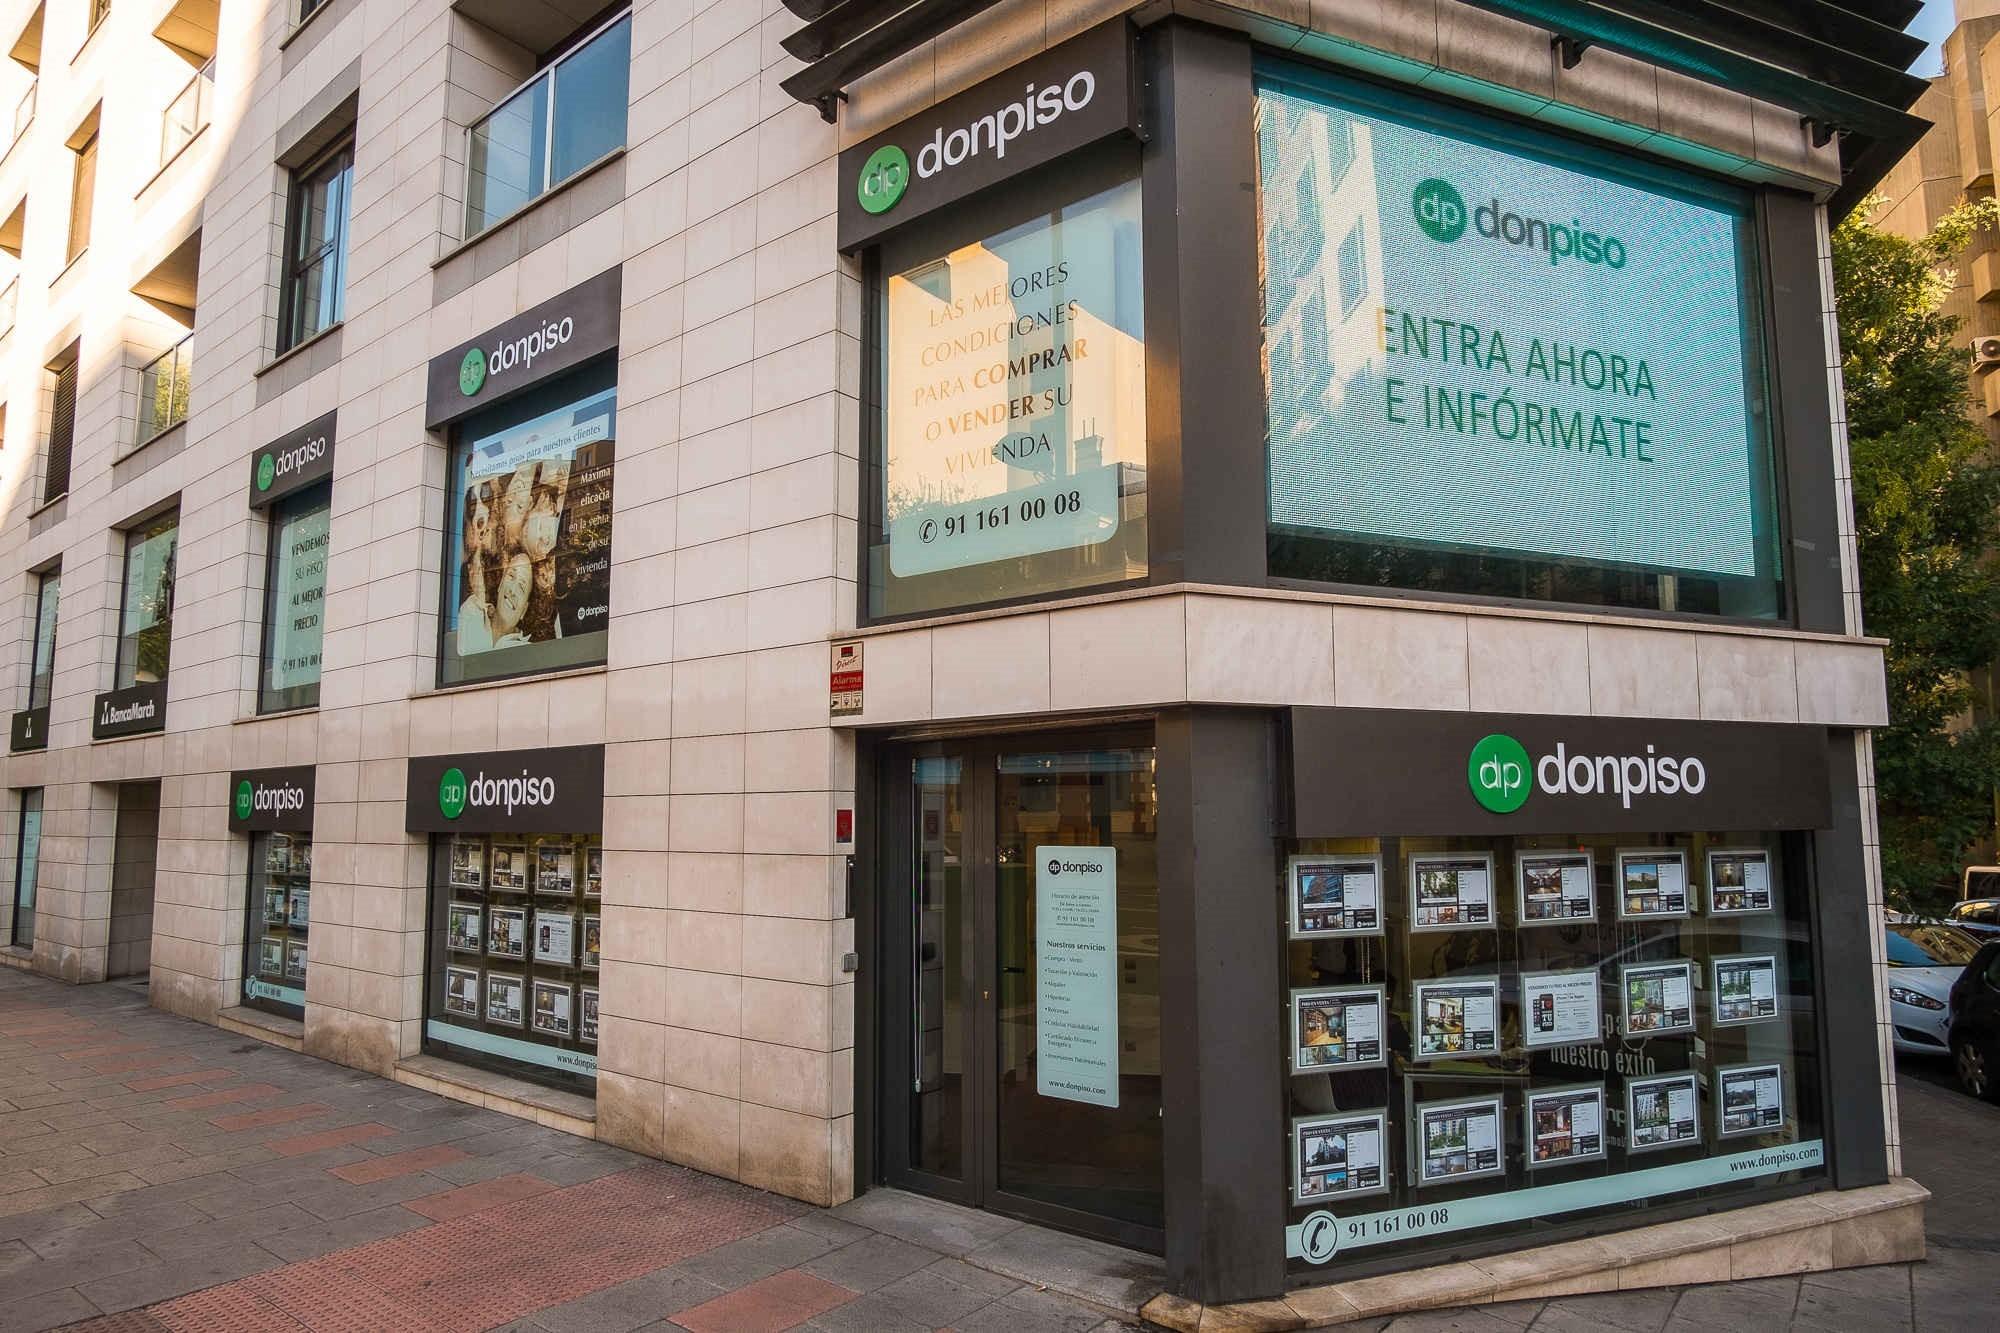 Donpiso llega a las 80 oficinas en toda espa a con dos for Convenio oficinas madrid